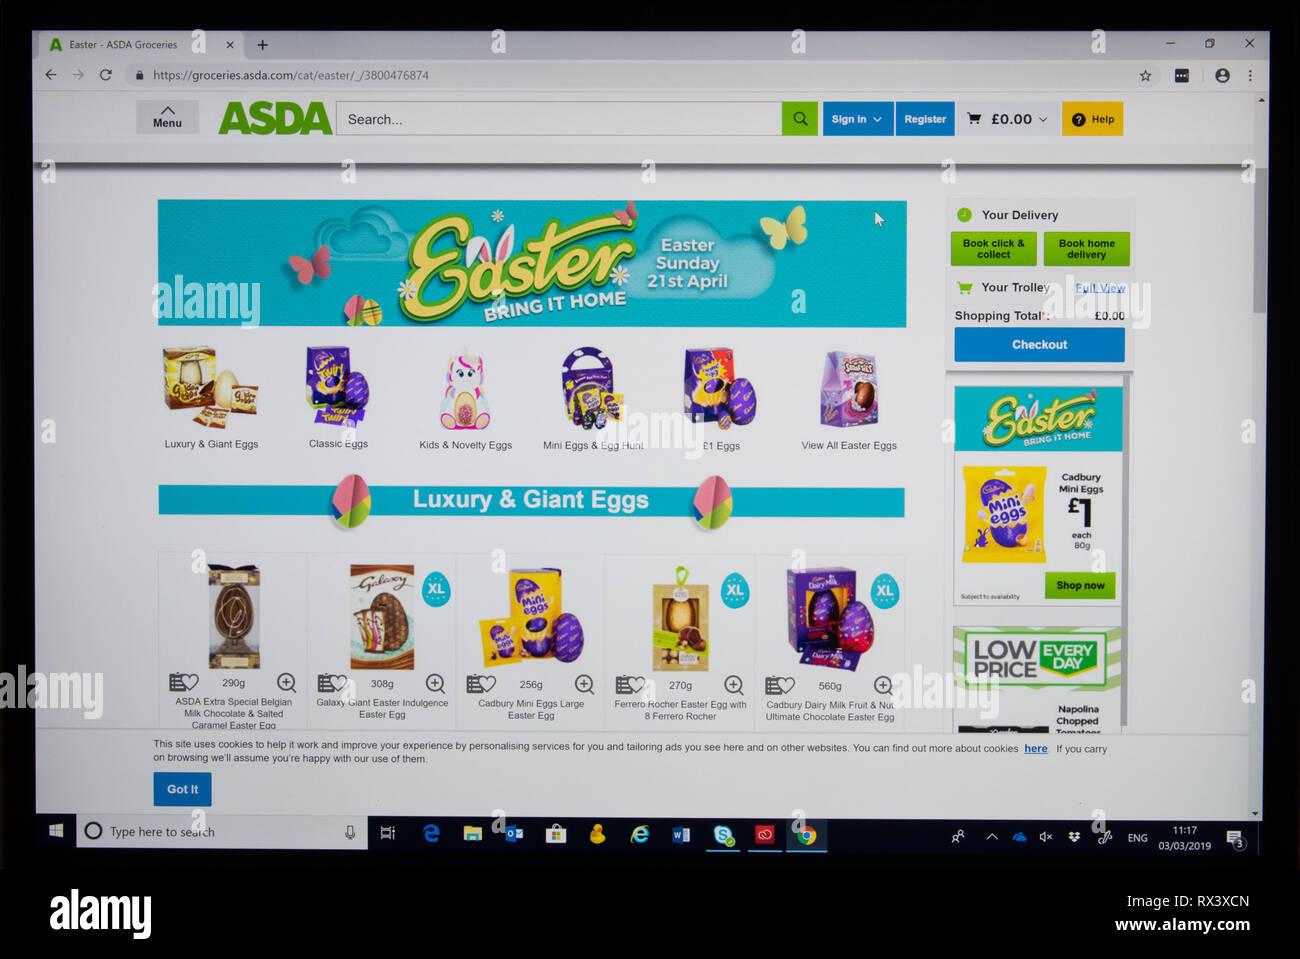 L'Asda boutique en ligne capture d'écran montrant les oeufs de pâques Photo Stock